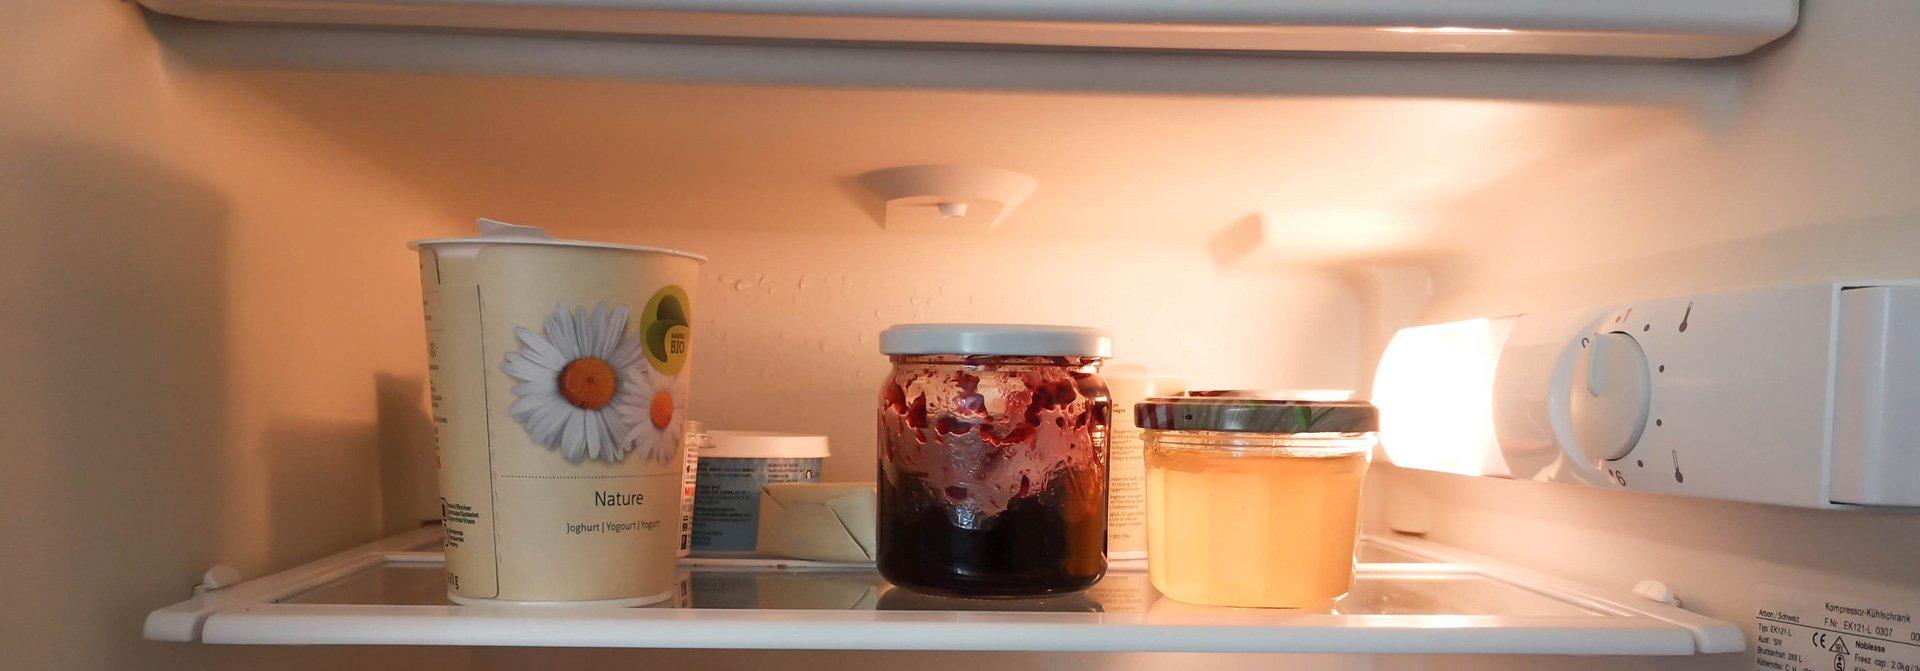 Oberste Ablage eines Kühlschranks